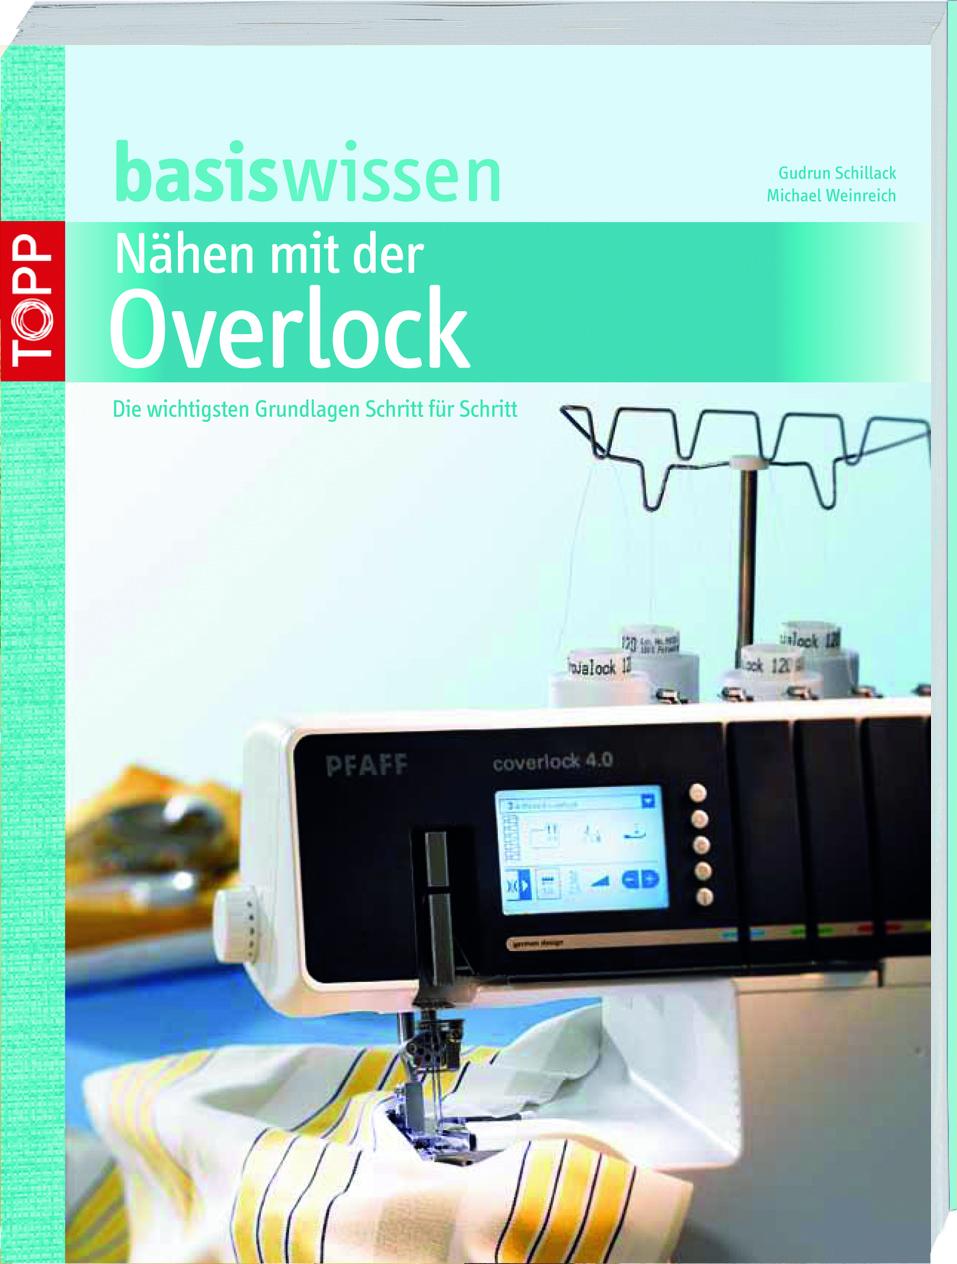 Topp 6357 basiswissen Overlock